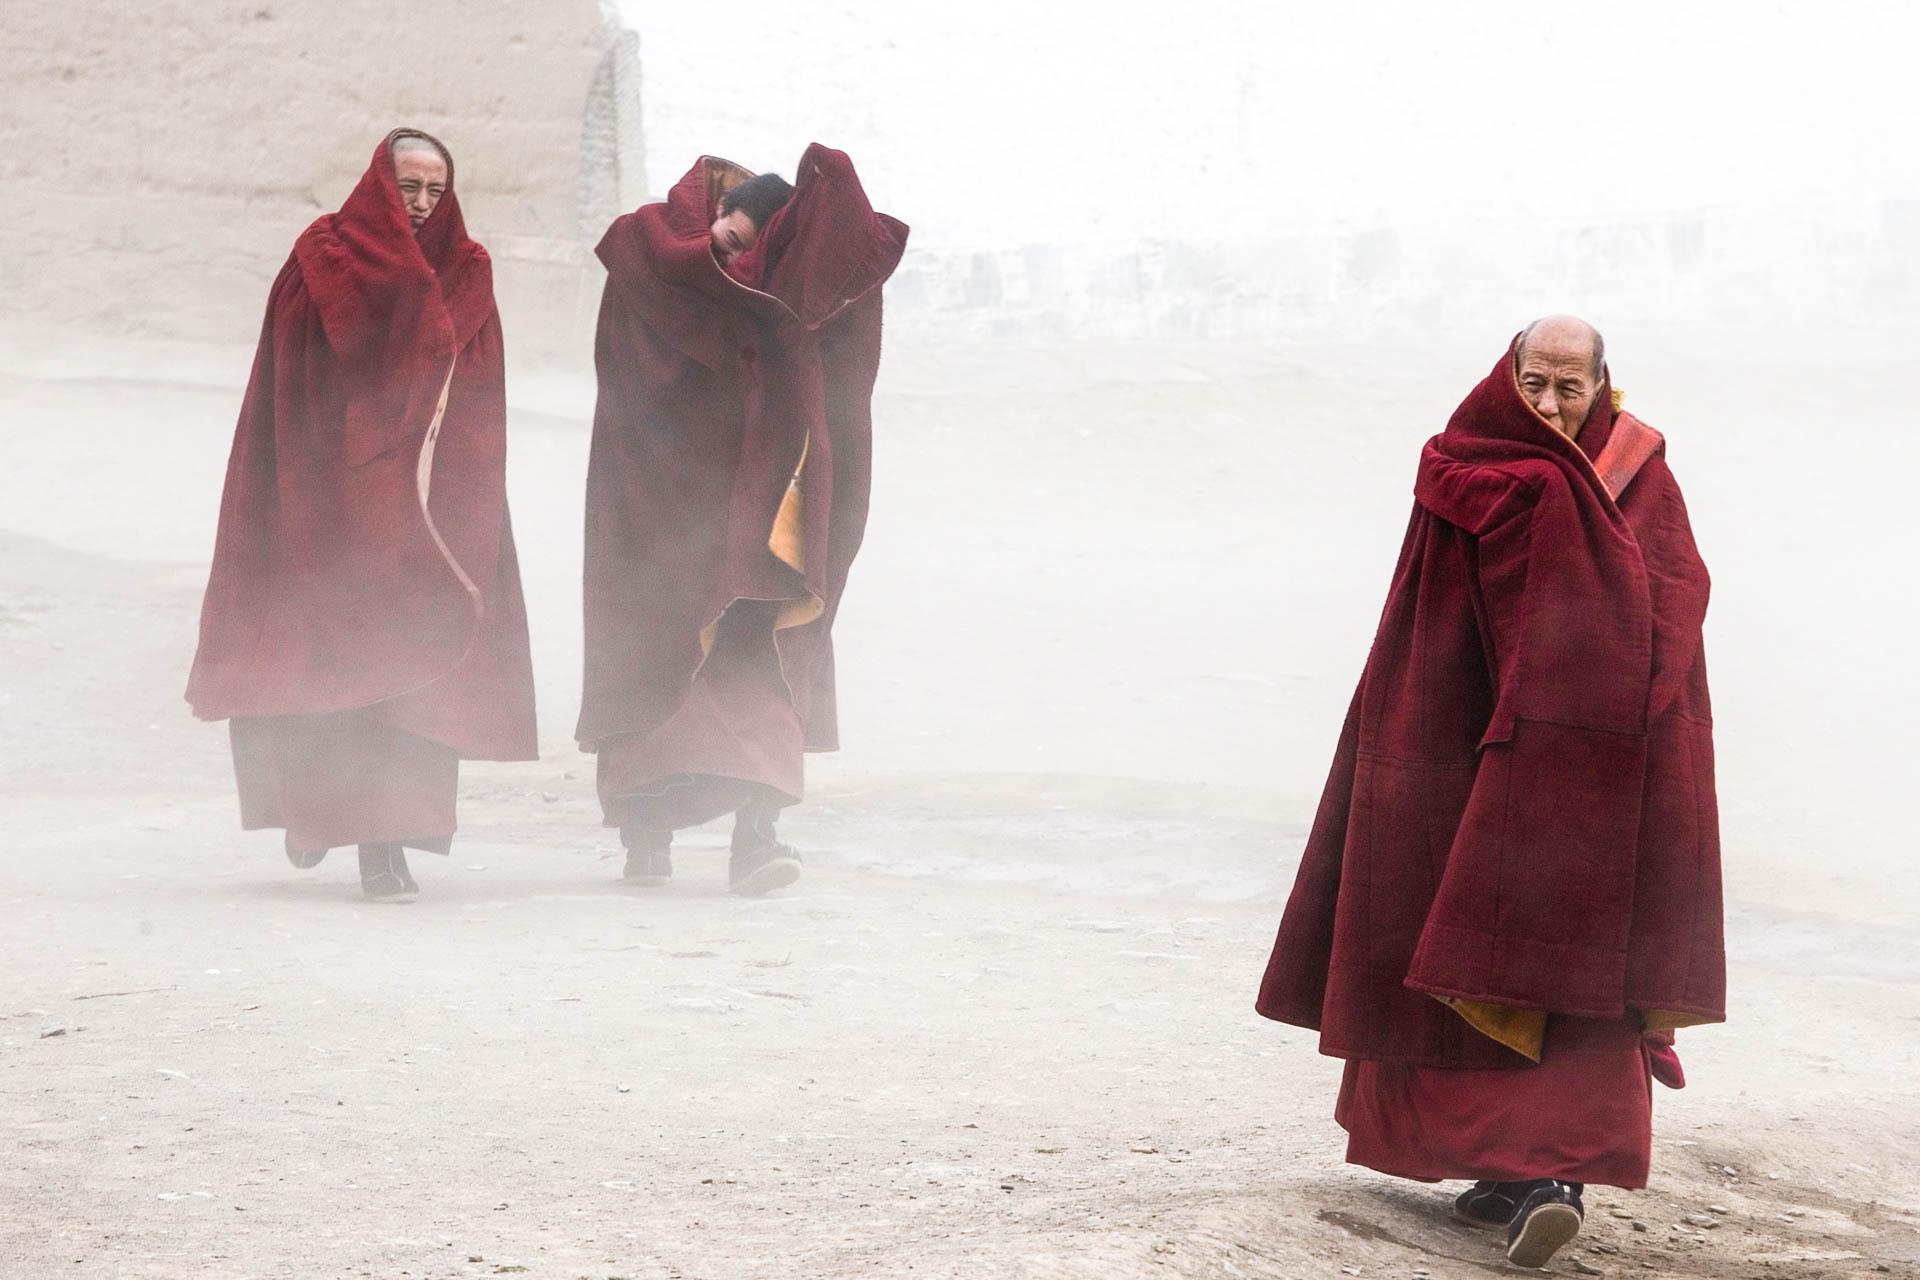 Xiahe, China - 9 February 2006Tibetan pilgrims in Labrang Monastery at Xiahè gather on the occasion of Monlam, religious festival of Tibetan Buddhism religion.© GIANNI GIANSANTI